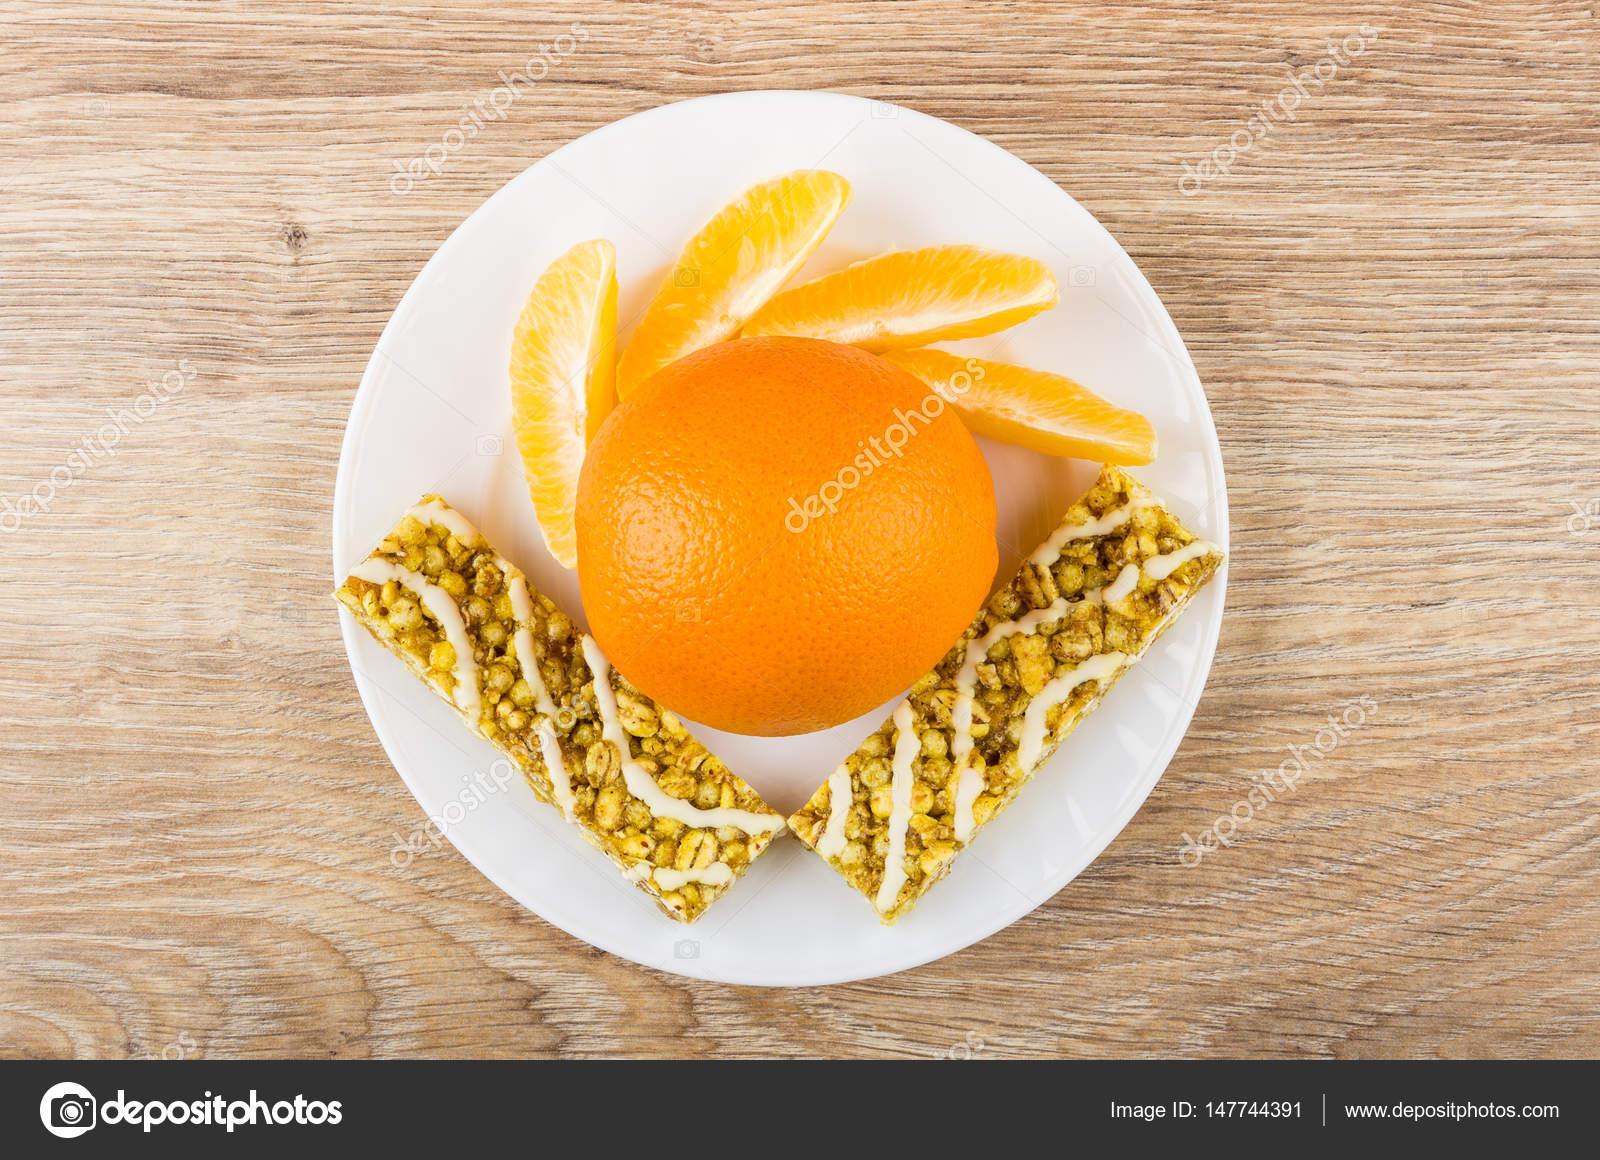 Scheiben von Orange und Granola Bars mit Getreide in Platte ...